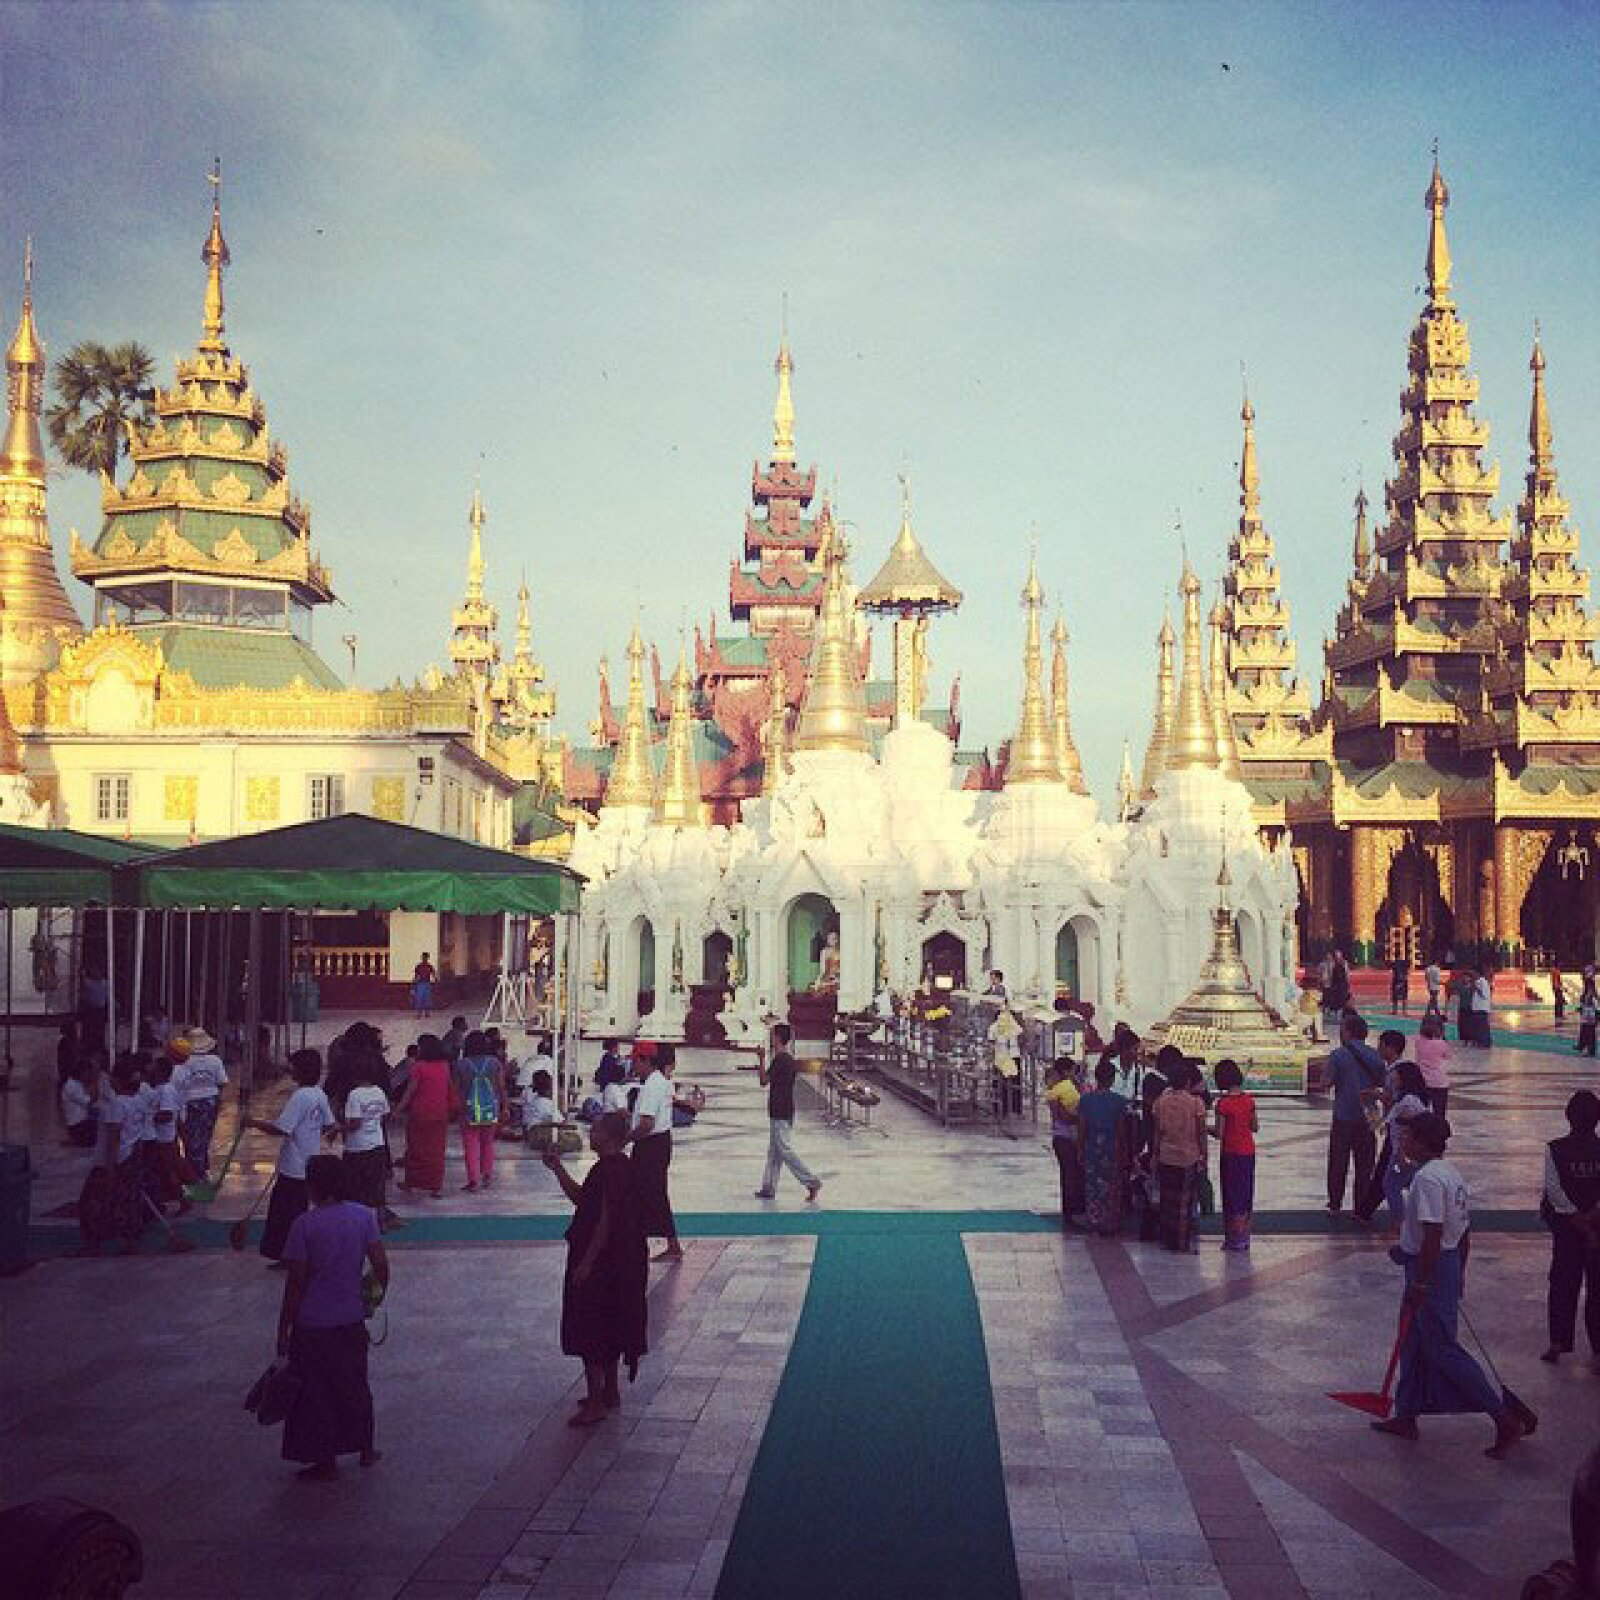 En el complejo religioso de Shwedagon en la ciudad de Rangún, antigua capital de Birmania.